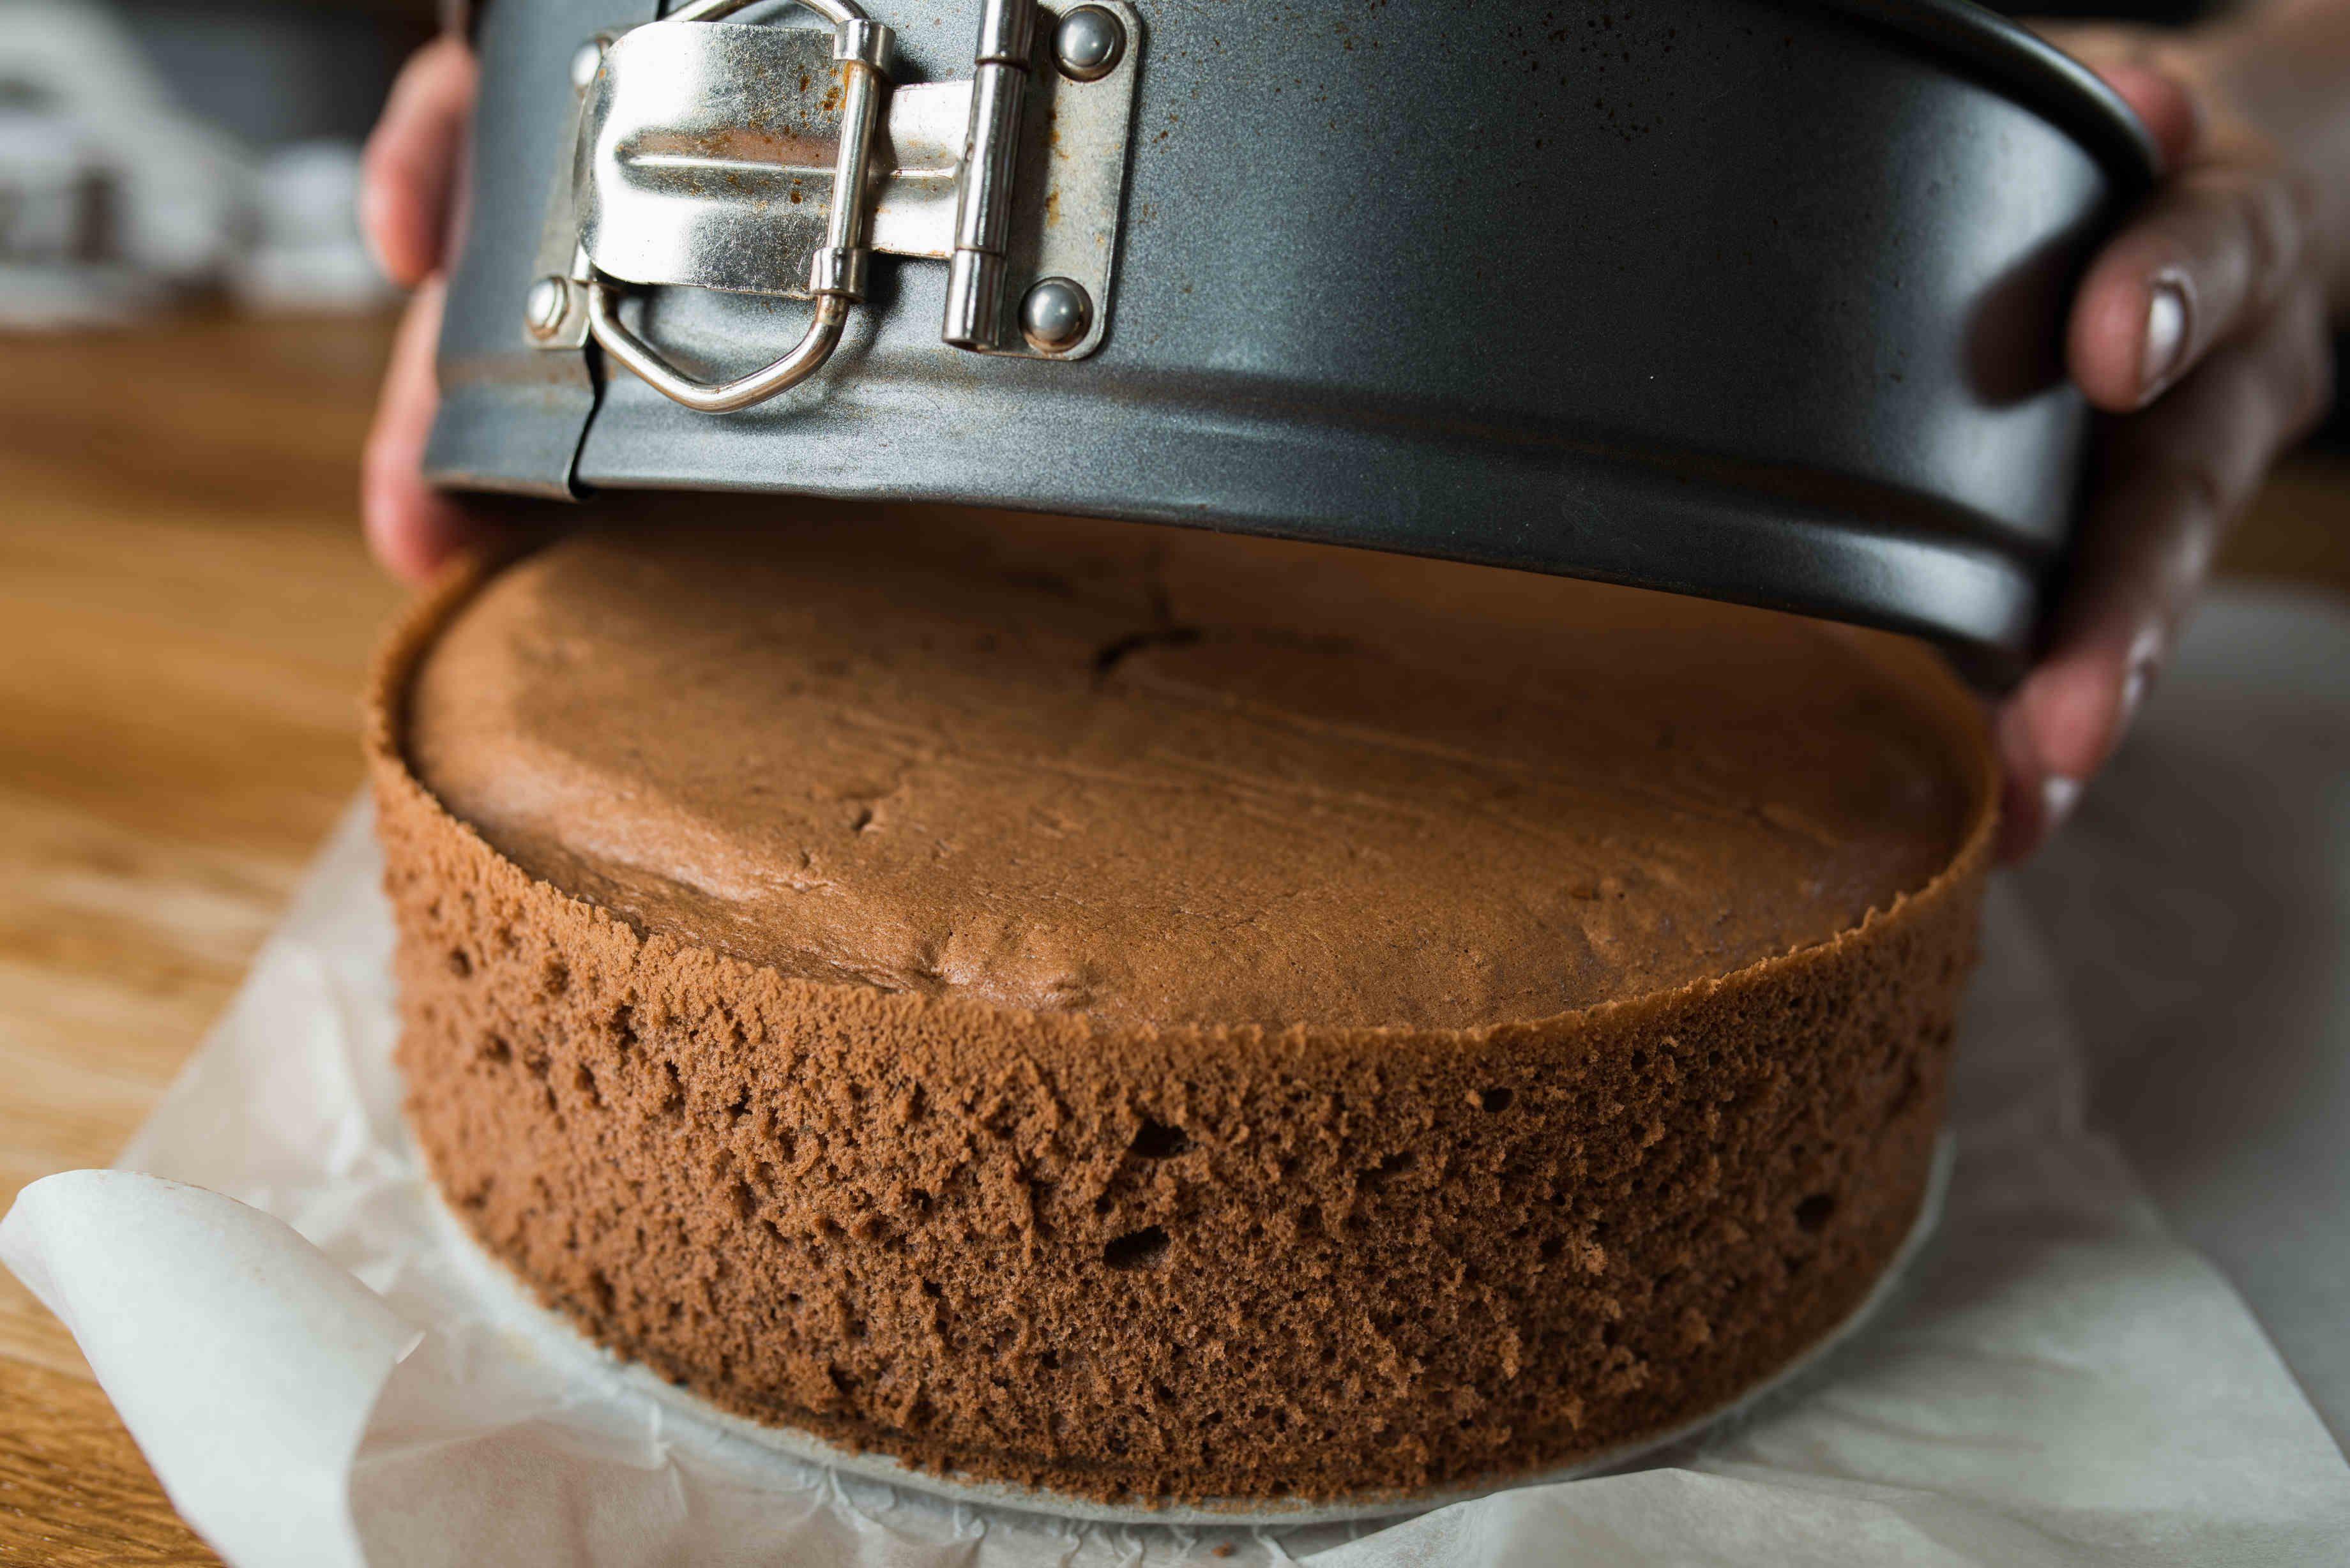 Csokis piskóta recept: Ez a klasszikus, egyszerű csokispiskóta receptje. Szinte elronthatatlan! Készíthetünk belőle karikát tortákhoz, szeletekhez. A tökéletes torta alapja a tökéletes piskóta!